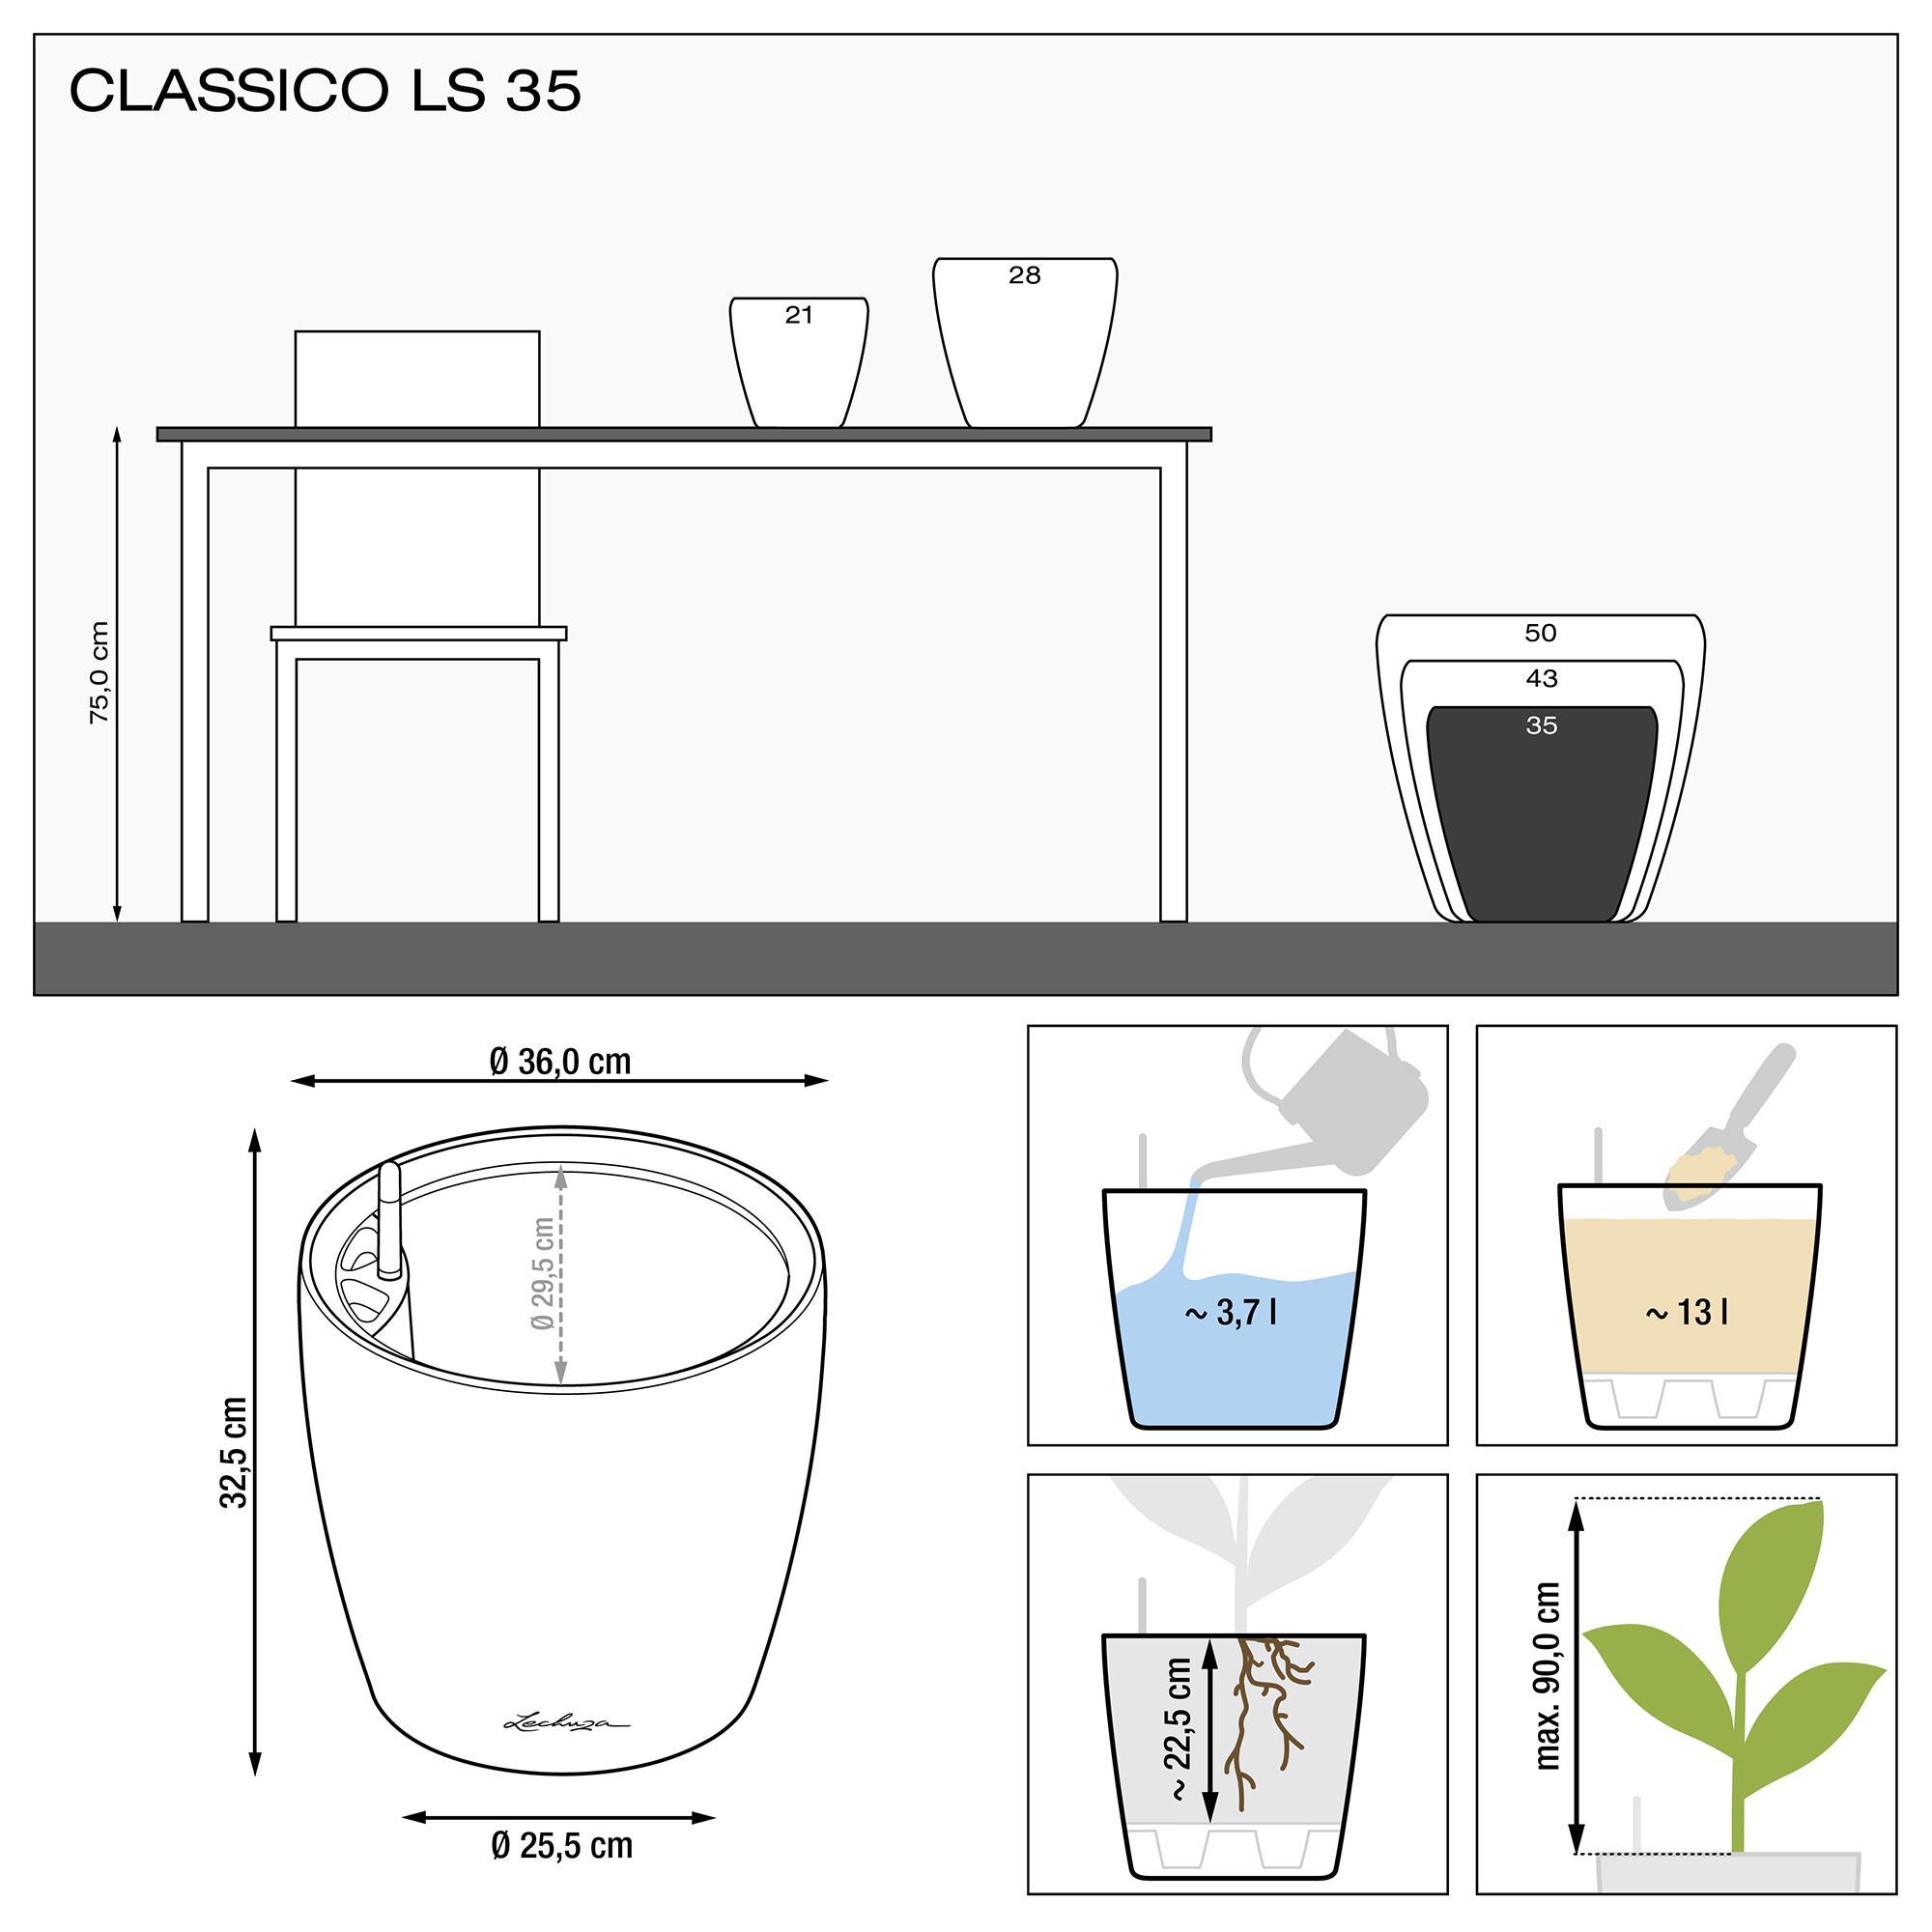 CLASSICO LS 35 charcoal metallic - Image 3